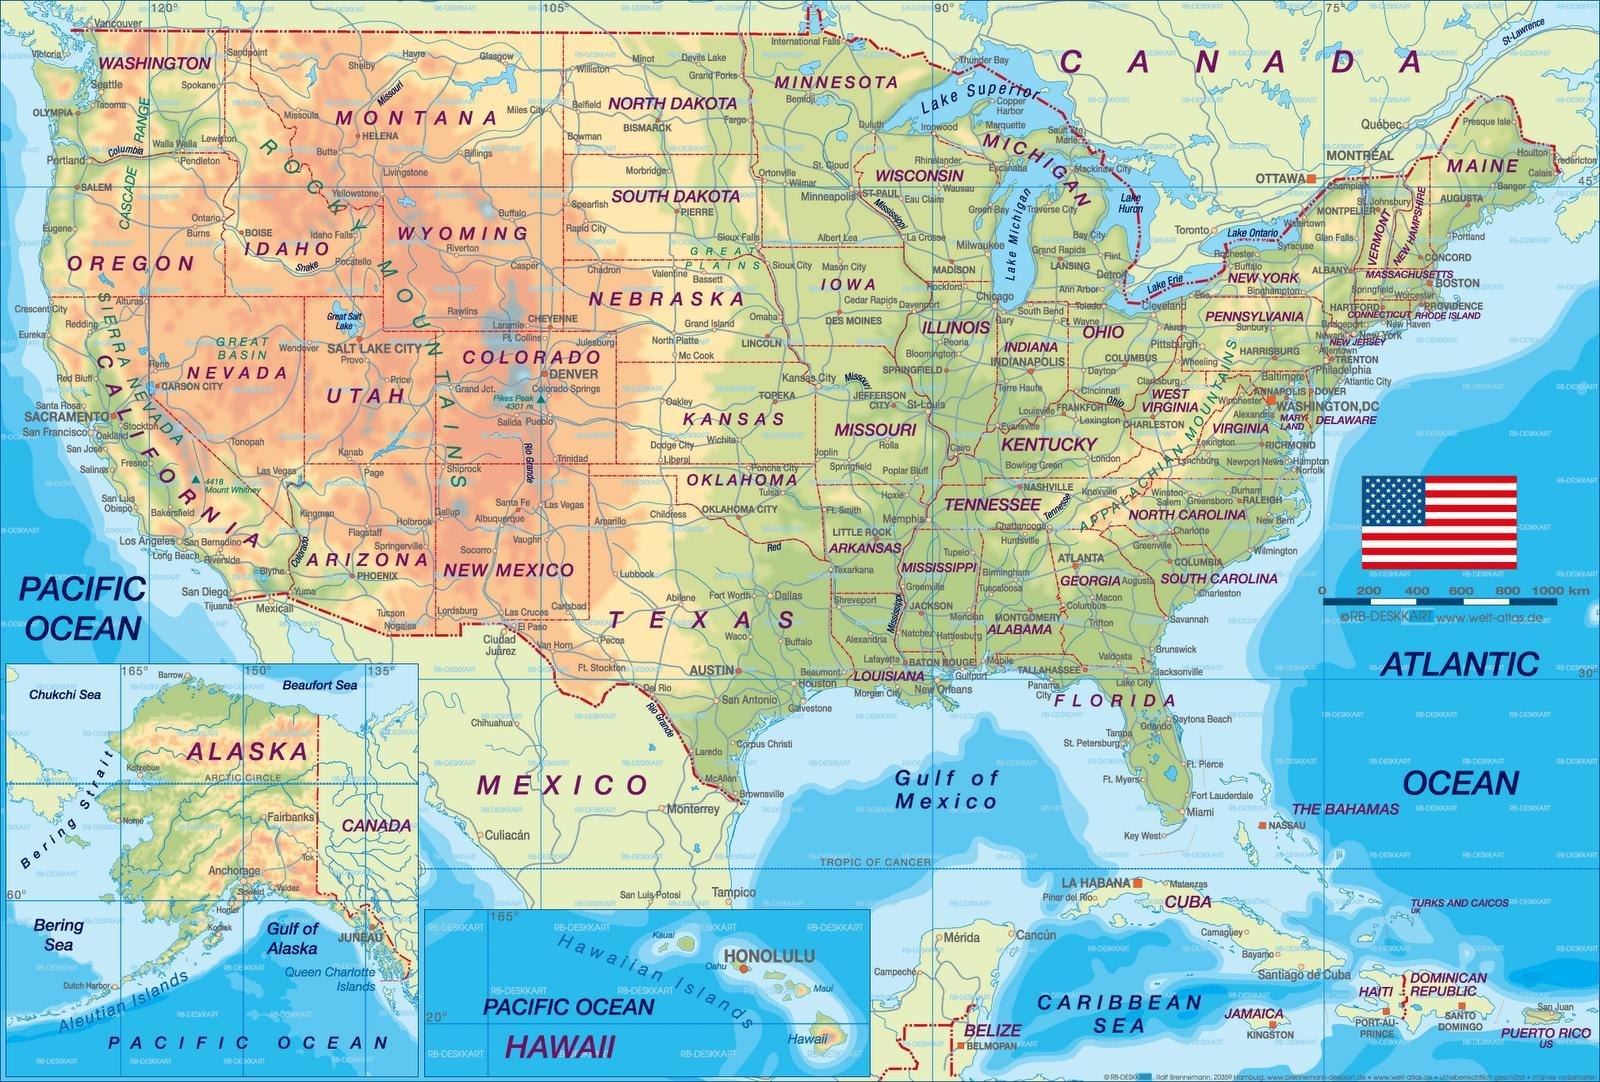 Varikas Yhdysvaltojen Kartta Valtioiden Ja Paakaupungeissa Juliste